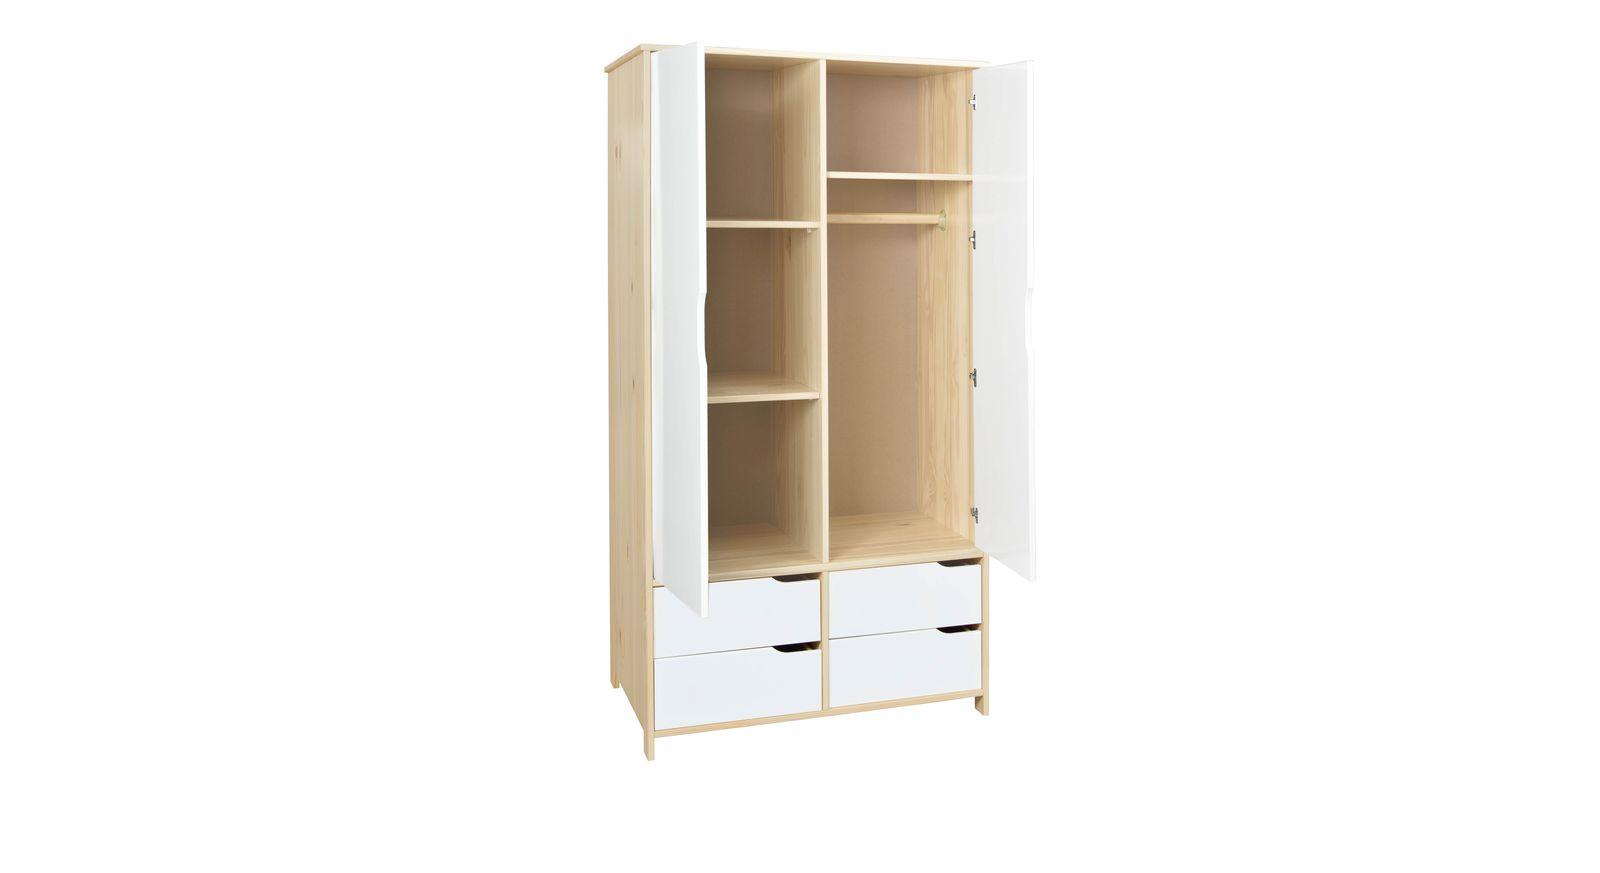 wei er kleiderschrank mit schubladen f r jugendzimmer erin. Black Bedroom Furniture Sets. Home Design Ideas